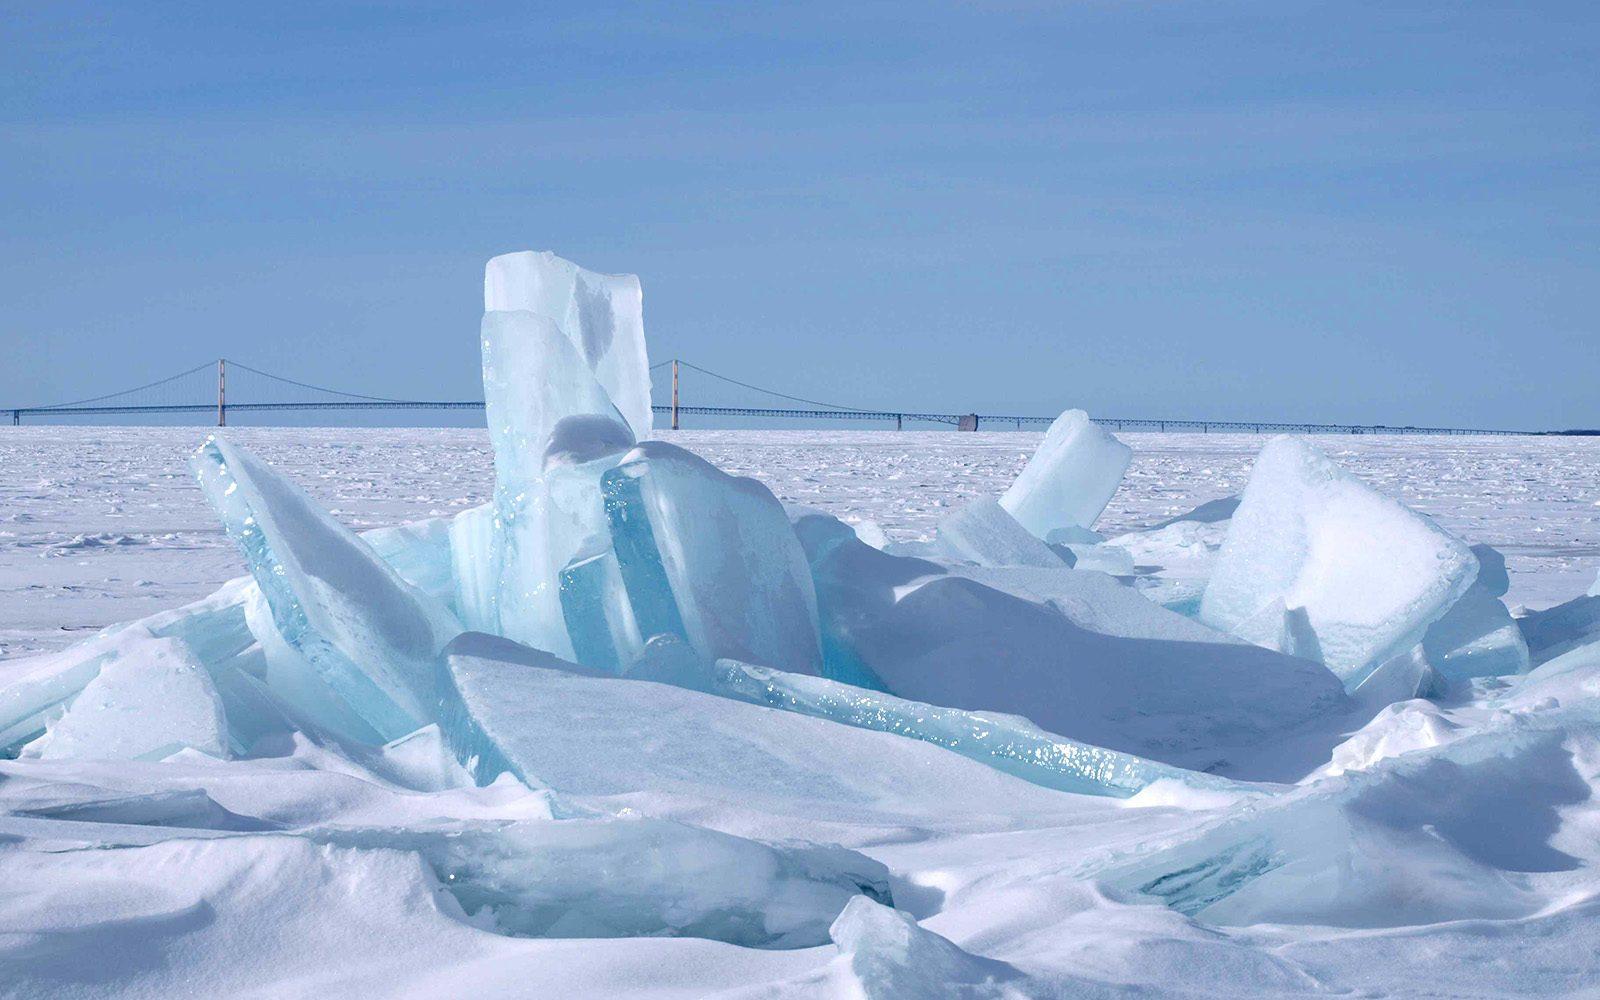 Bois-Blanc-Round-Island-Ice-and-Mackin-1600x1000